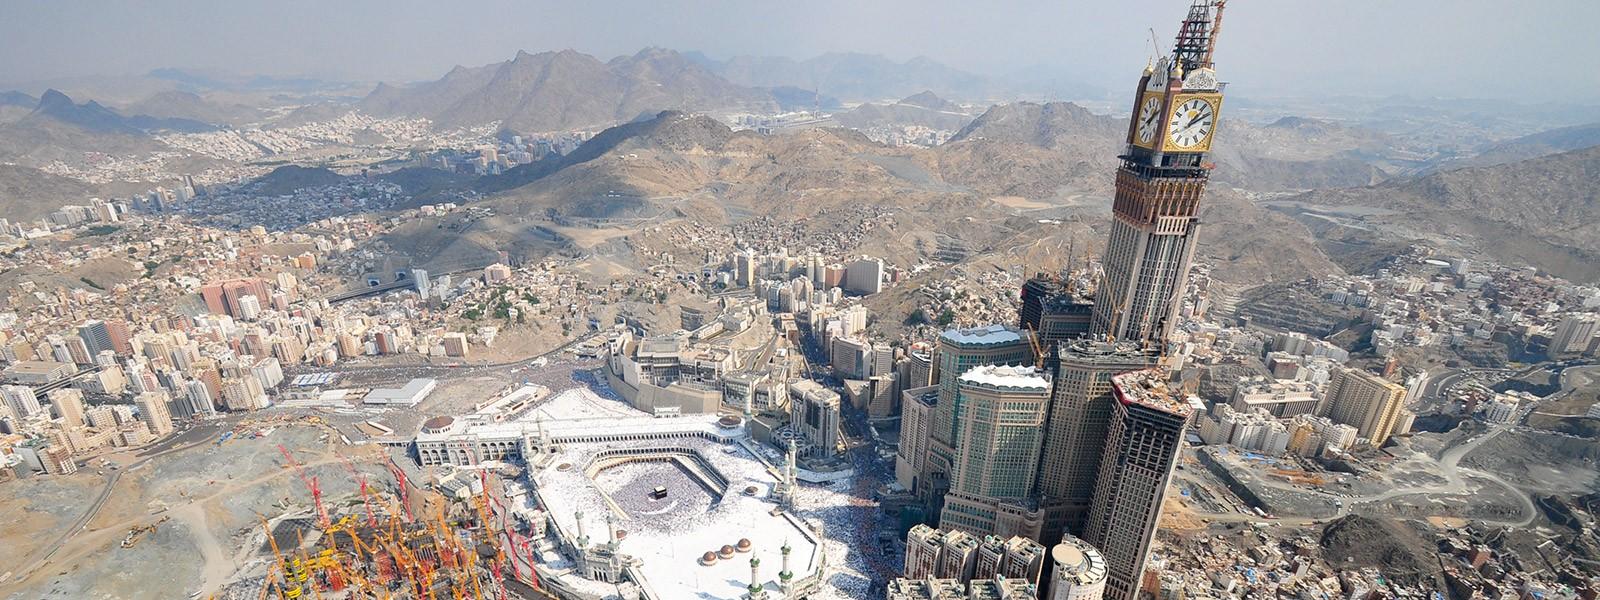 Mecca Project